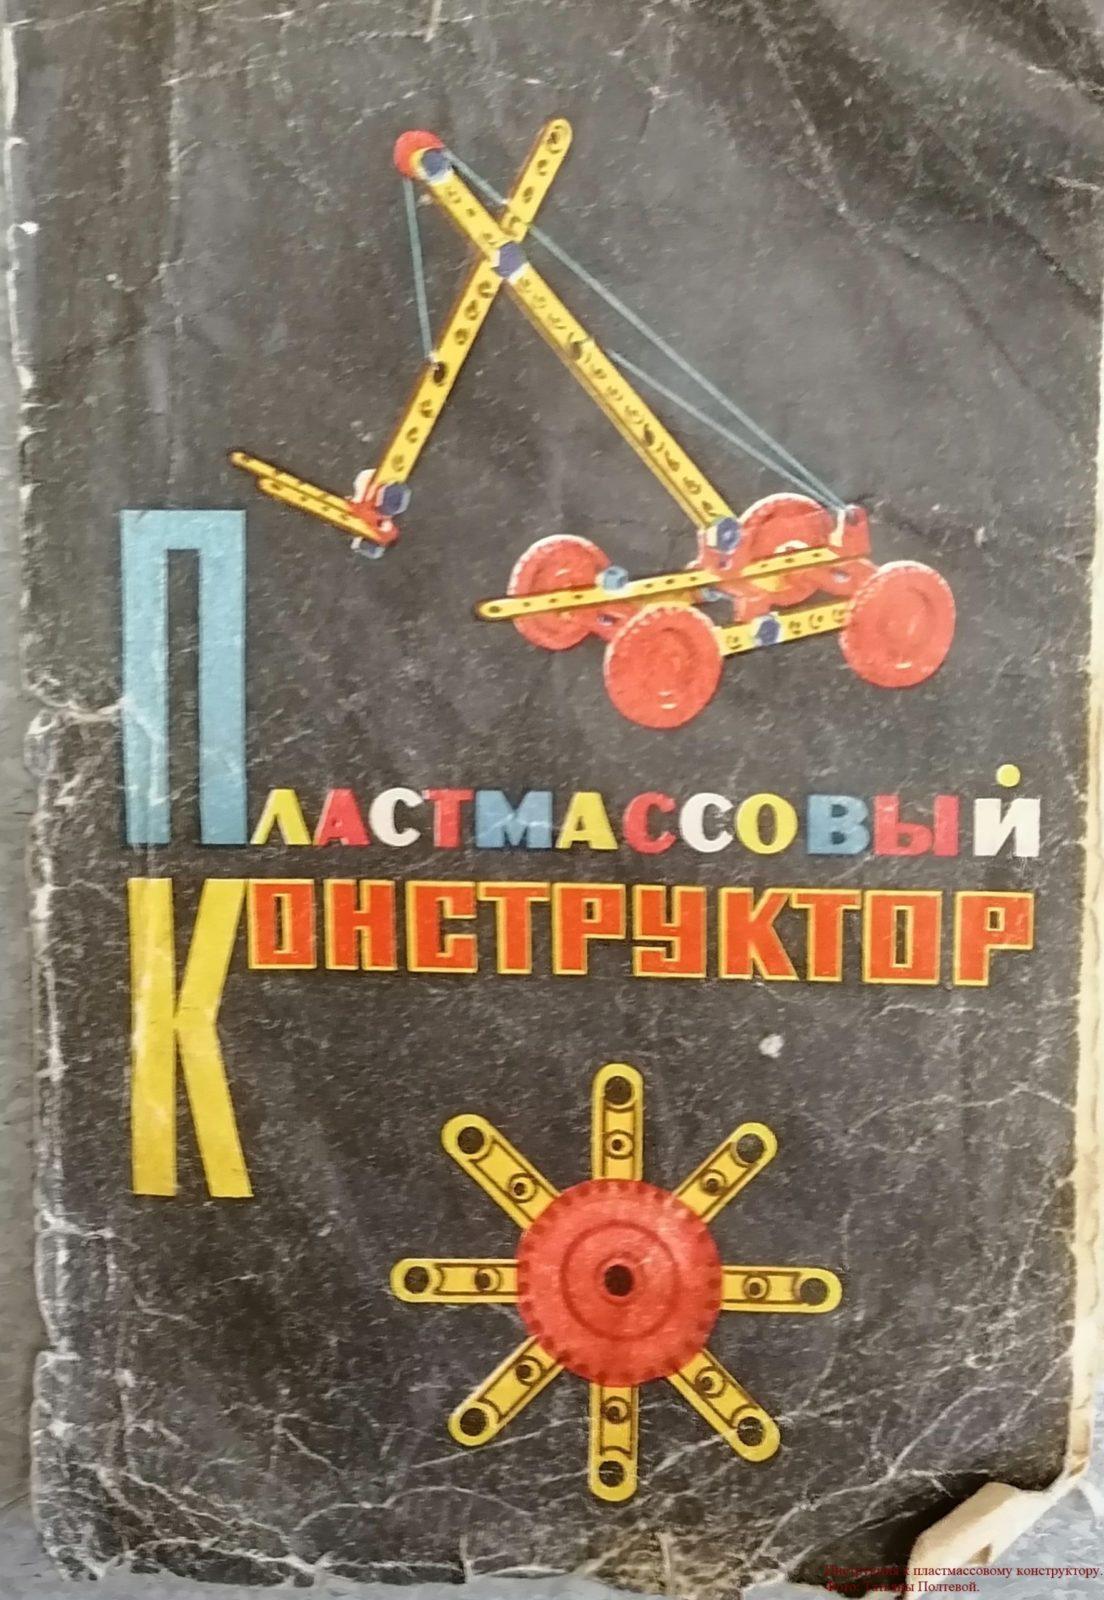 Инструкция к пластмассовому конструктору.